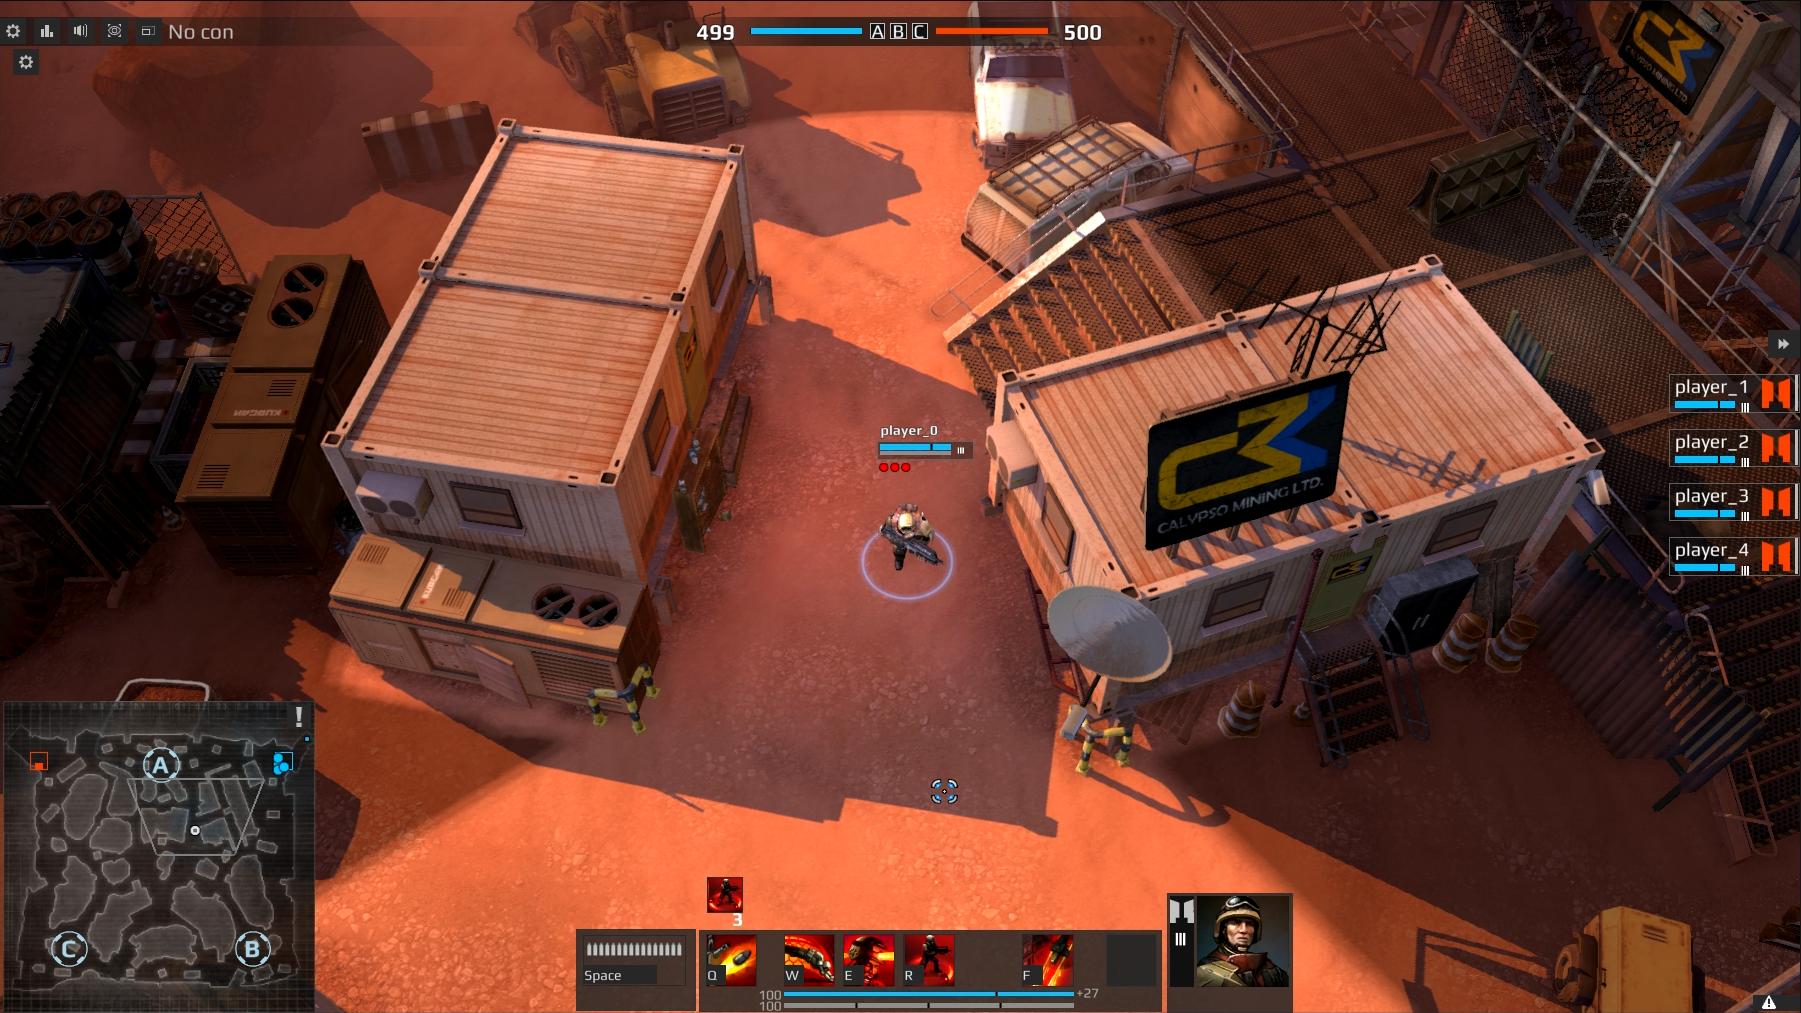 mercelite_desert_mining_map_02